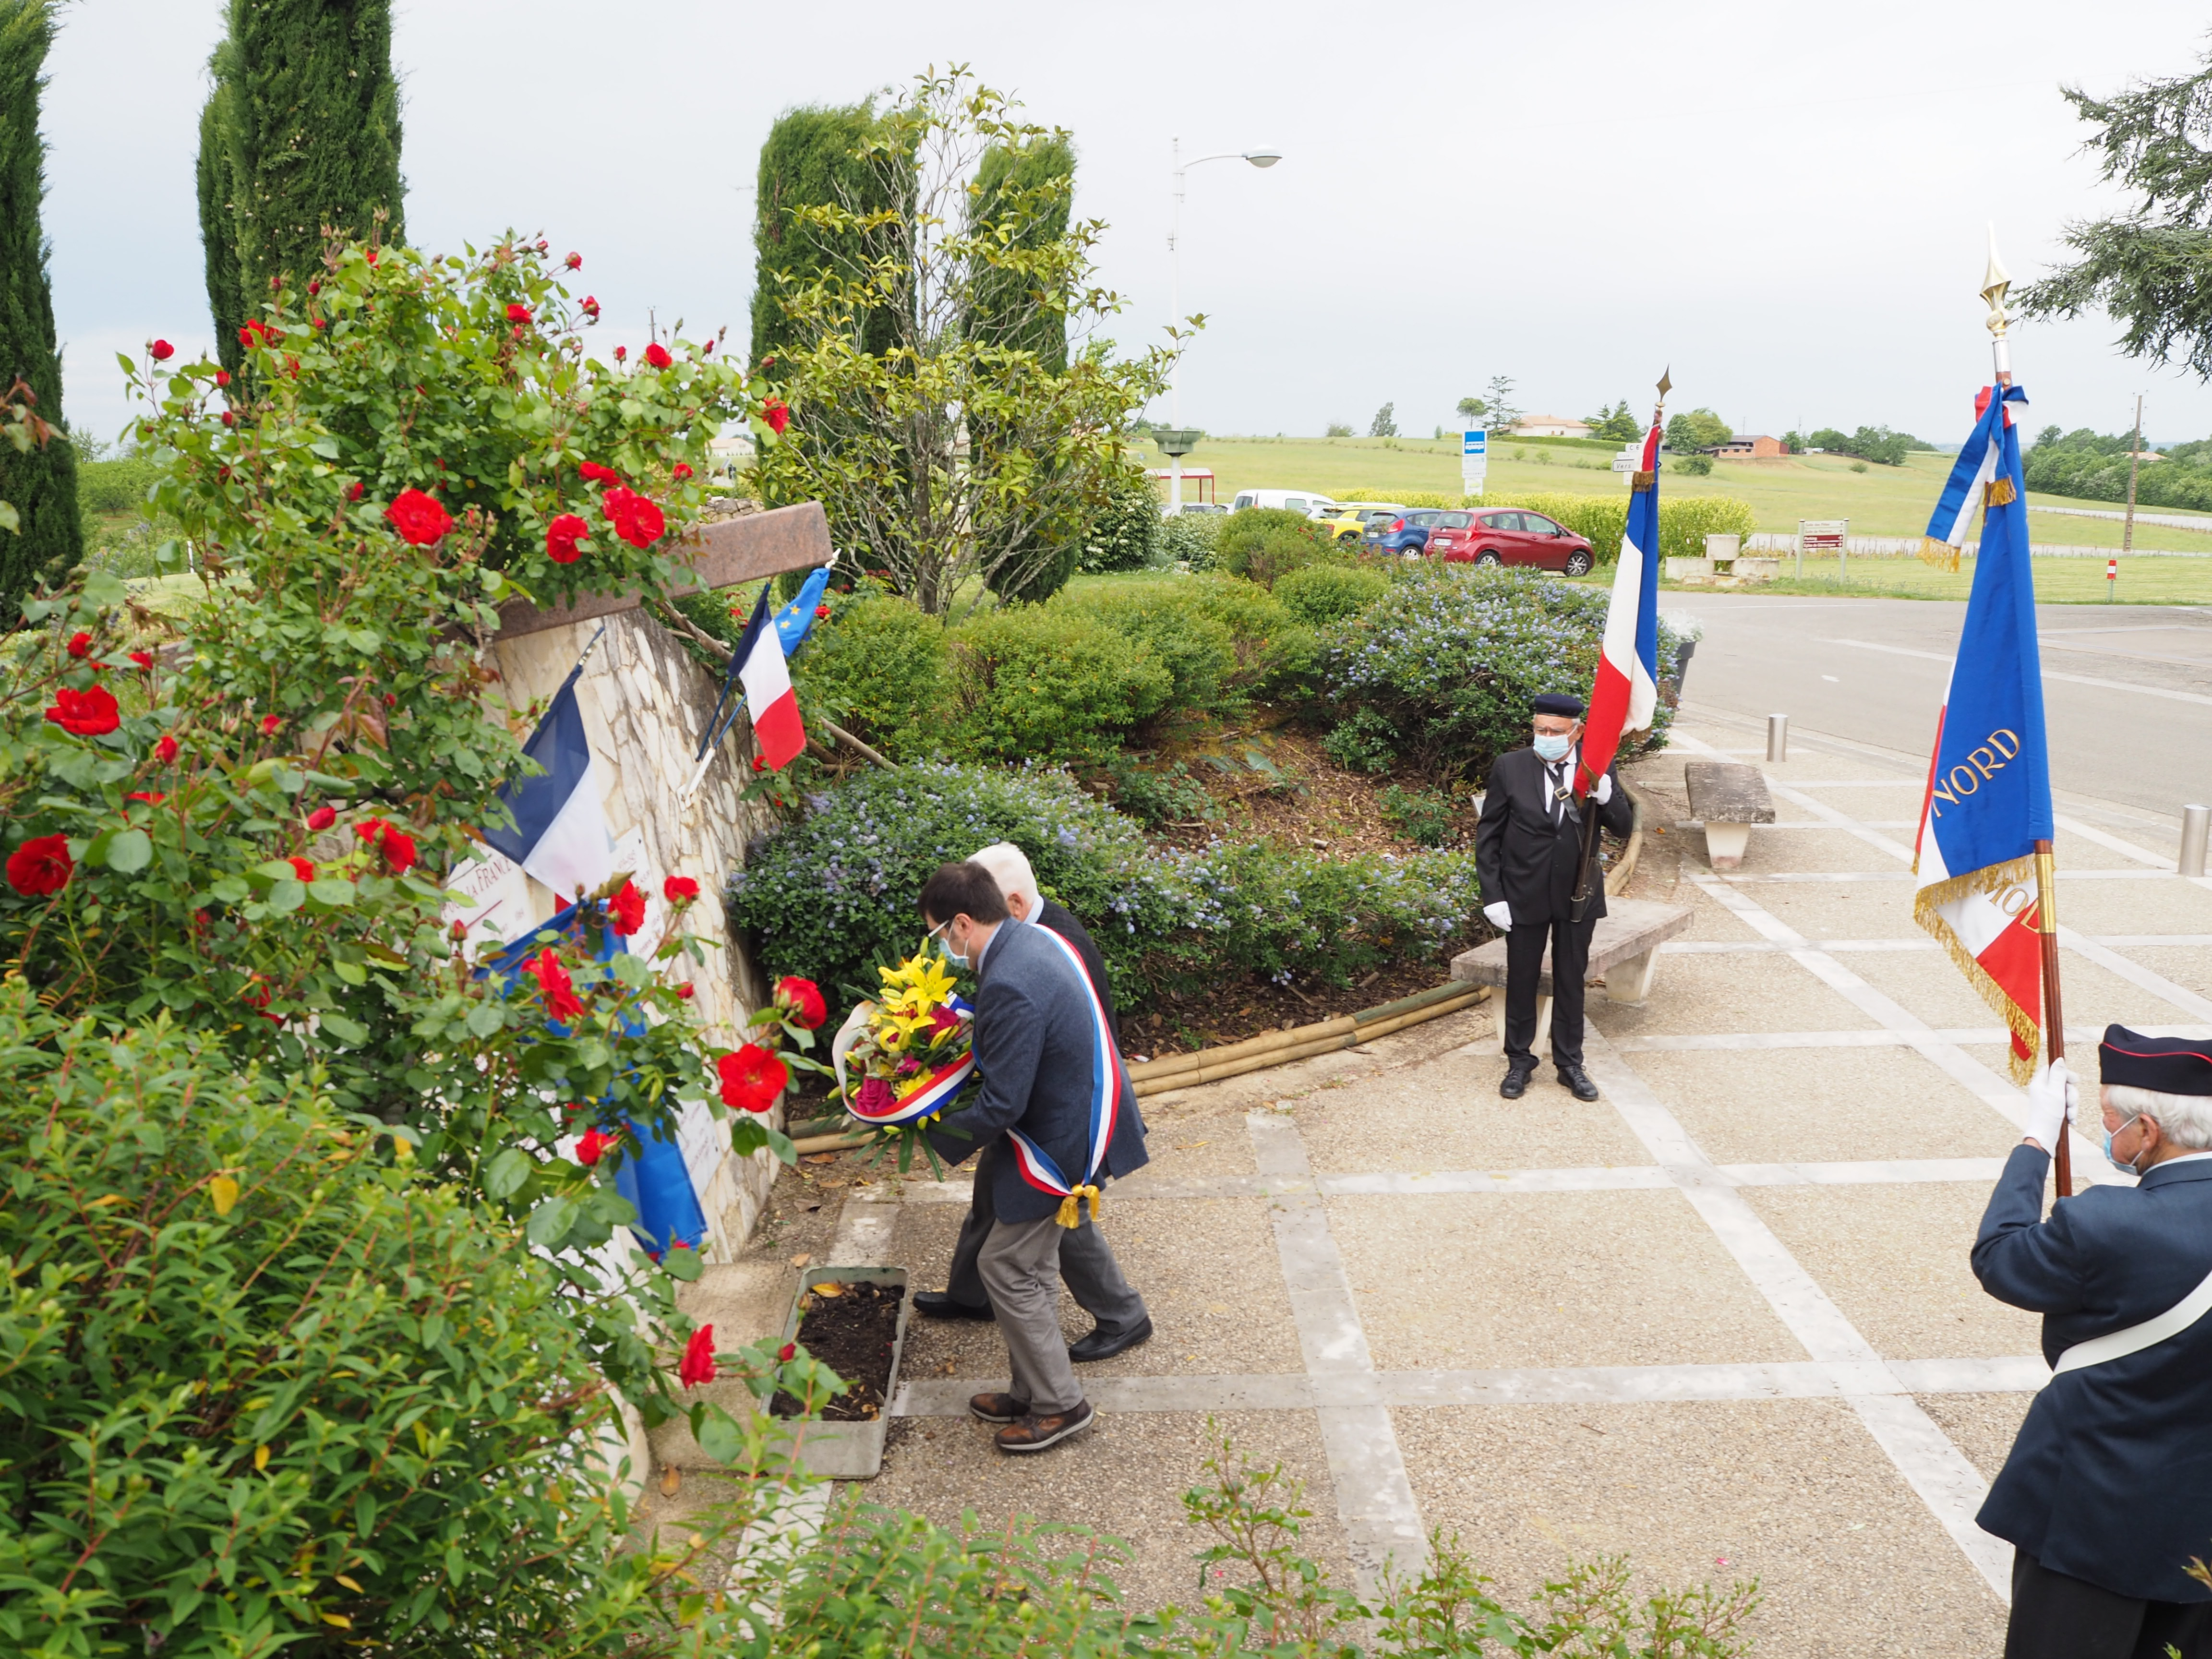 Cérémonie au monument aux morts le 9 Mai 2021